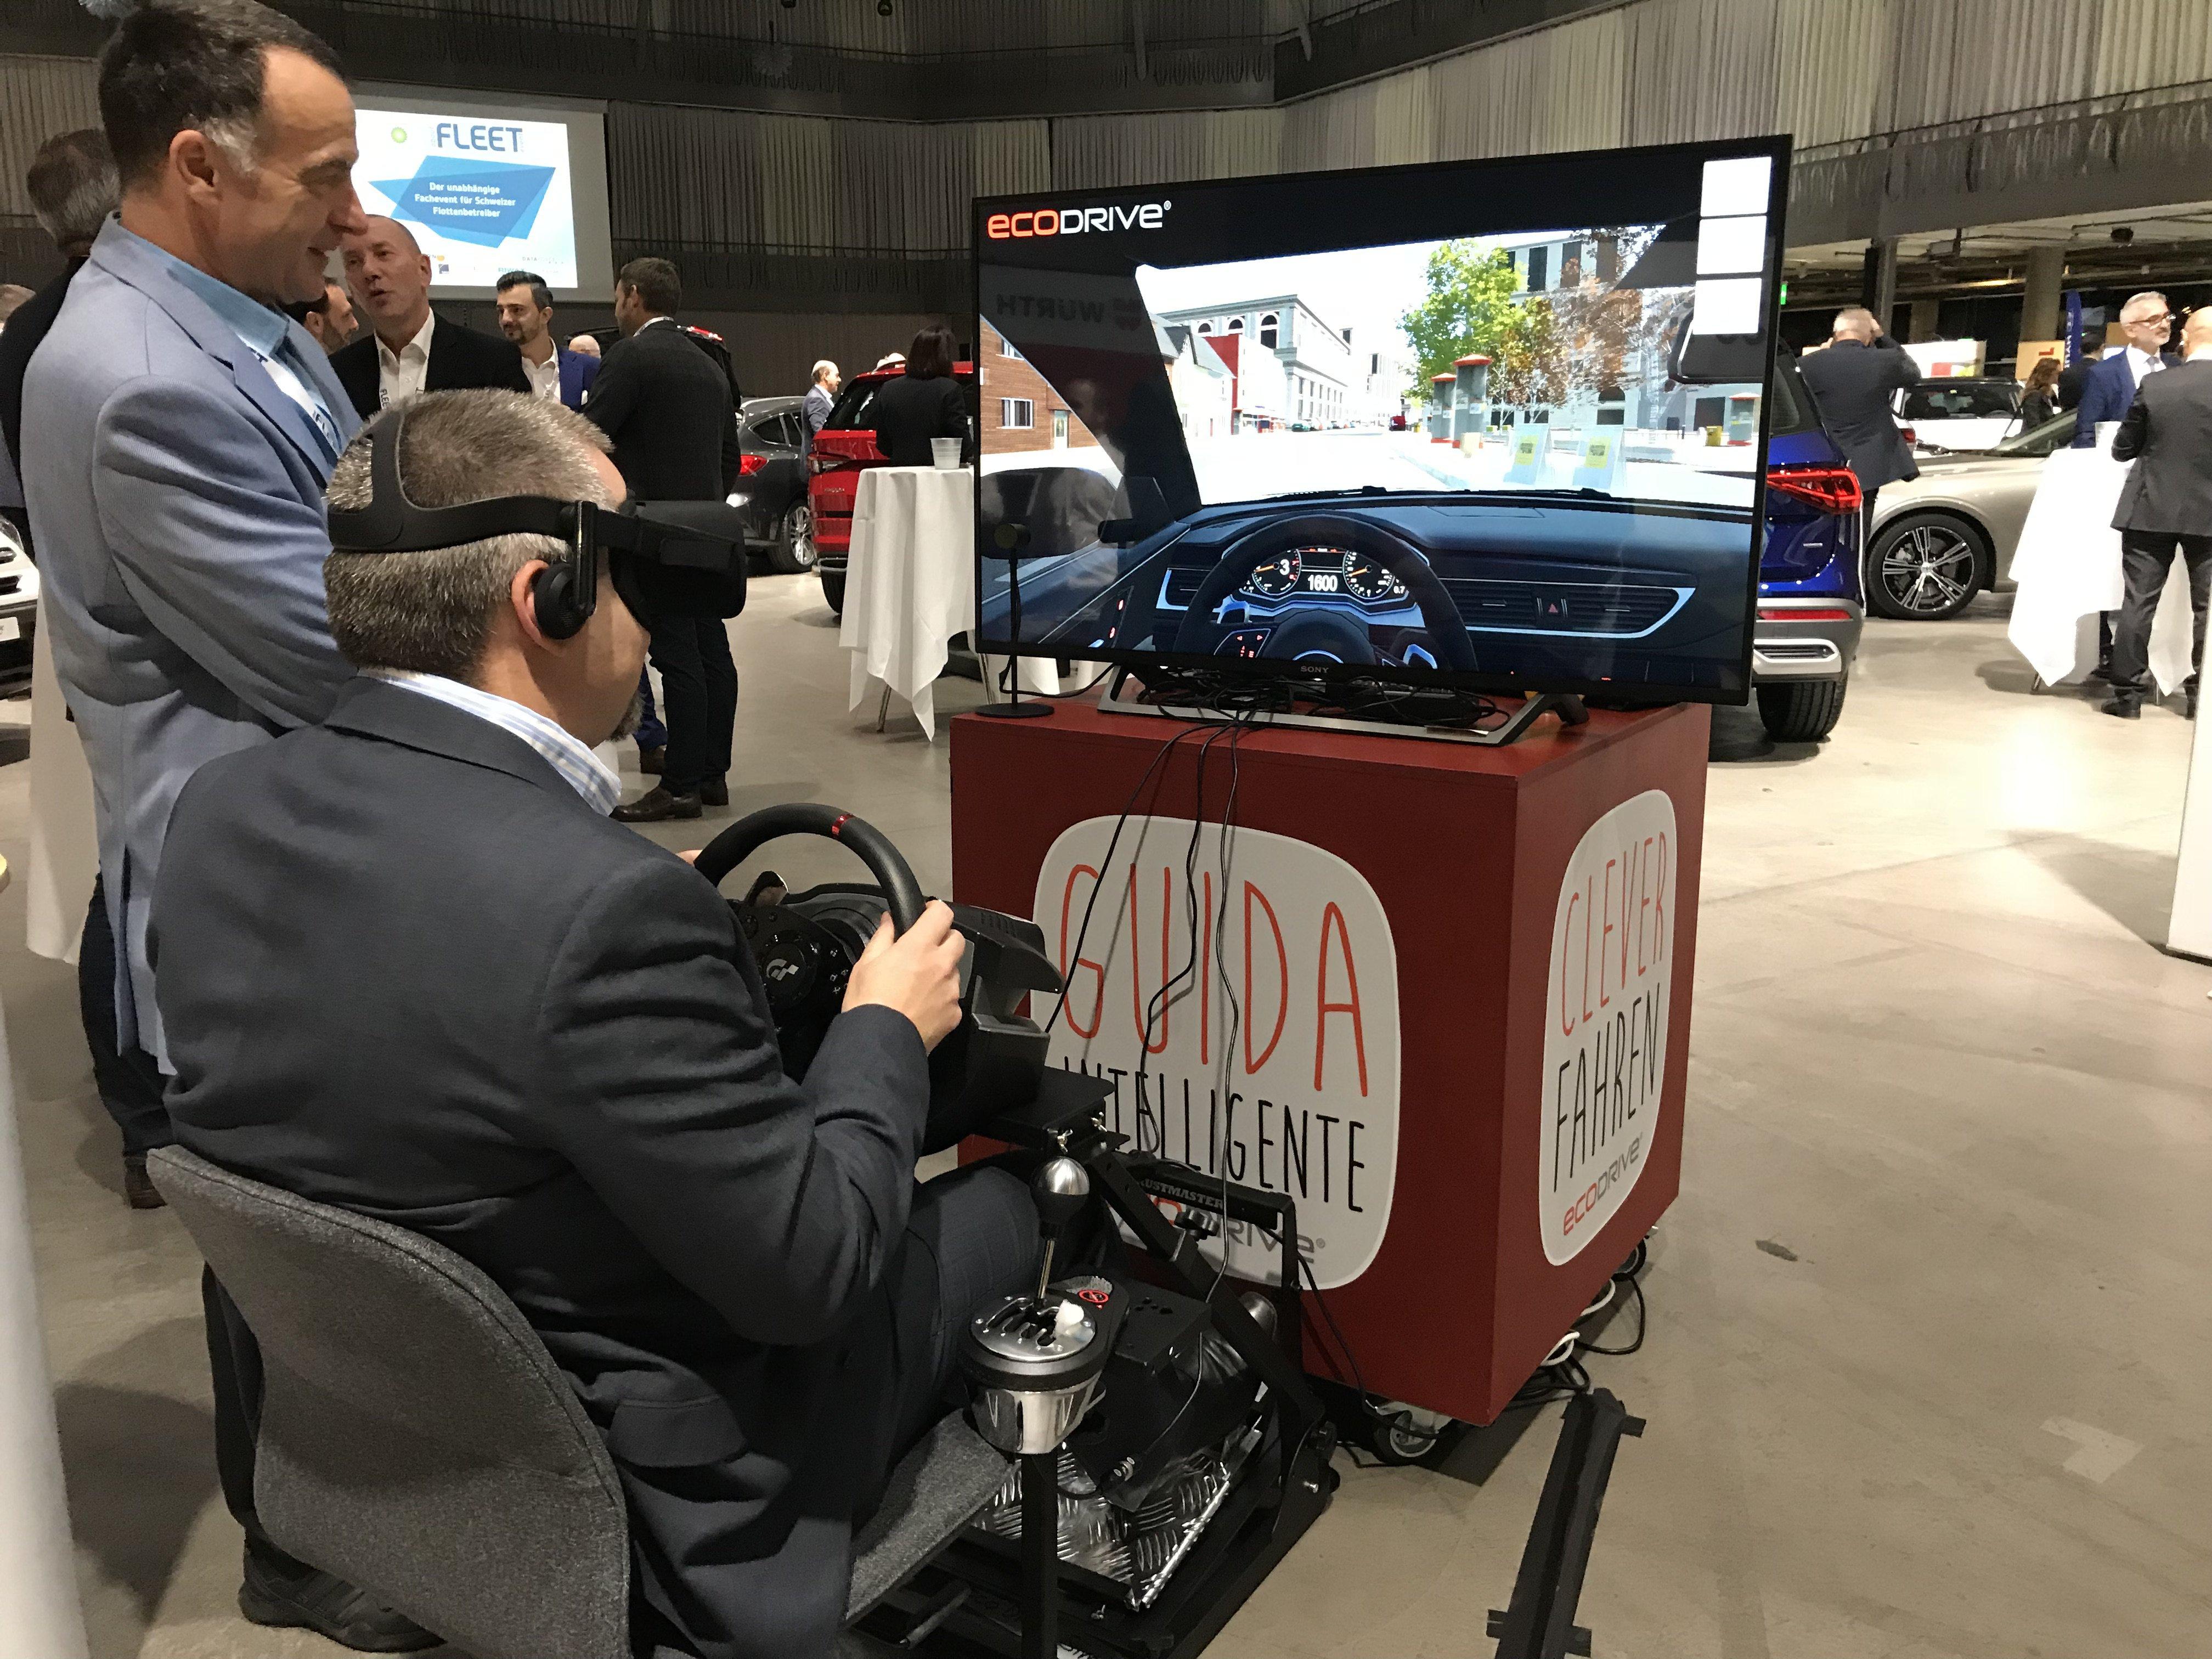 Die Virtual Reality Simulation vermittelt den effizienten EcoDrive-Fahrstil mit modernster Technologie.